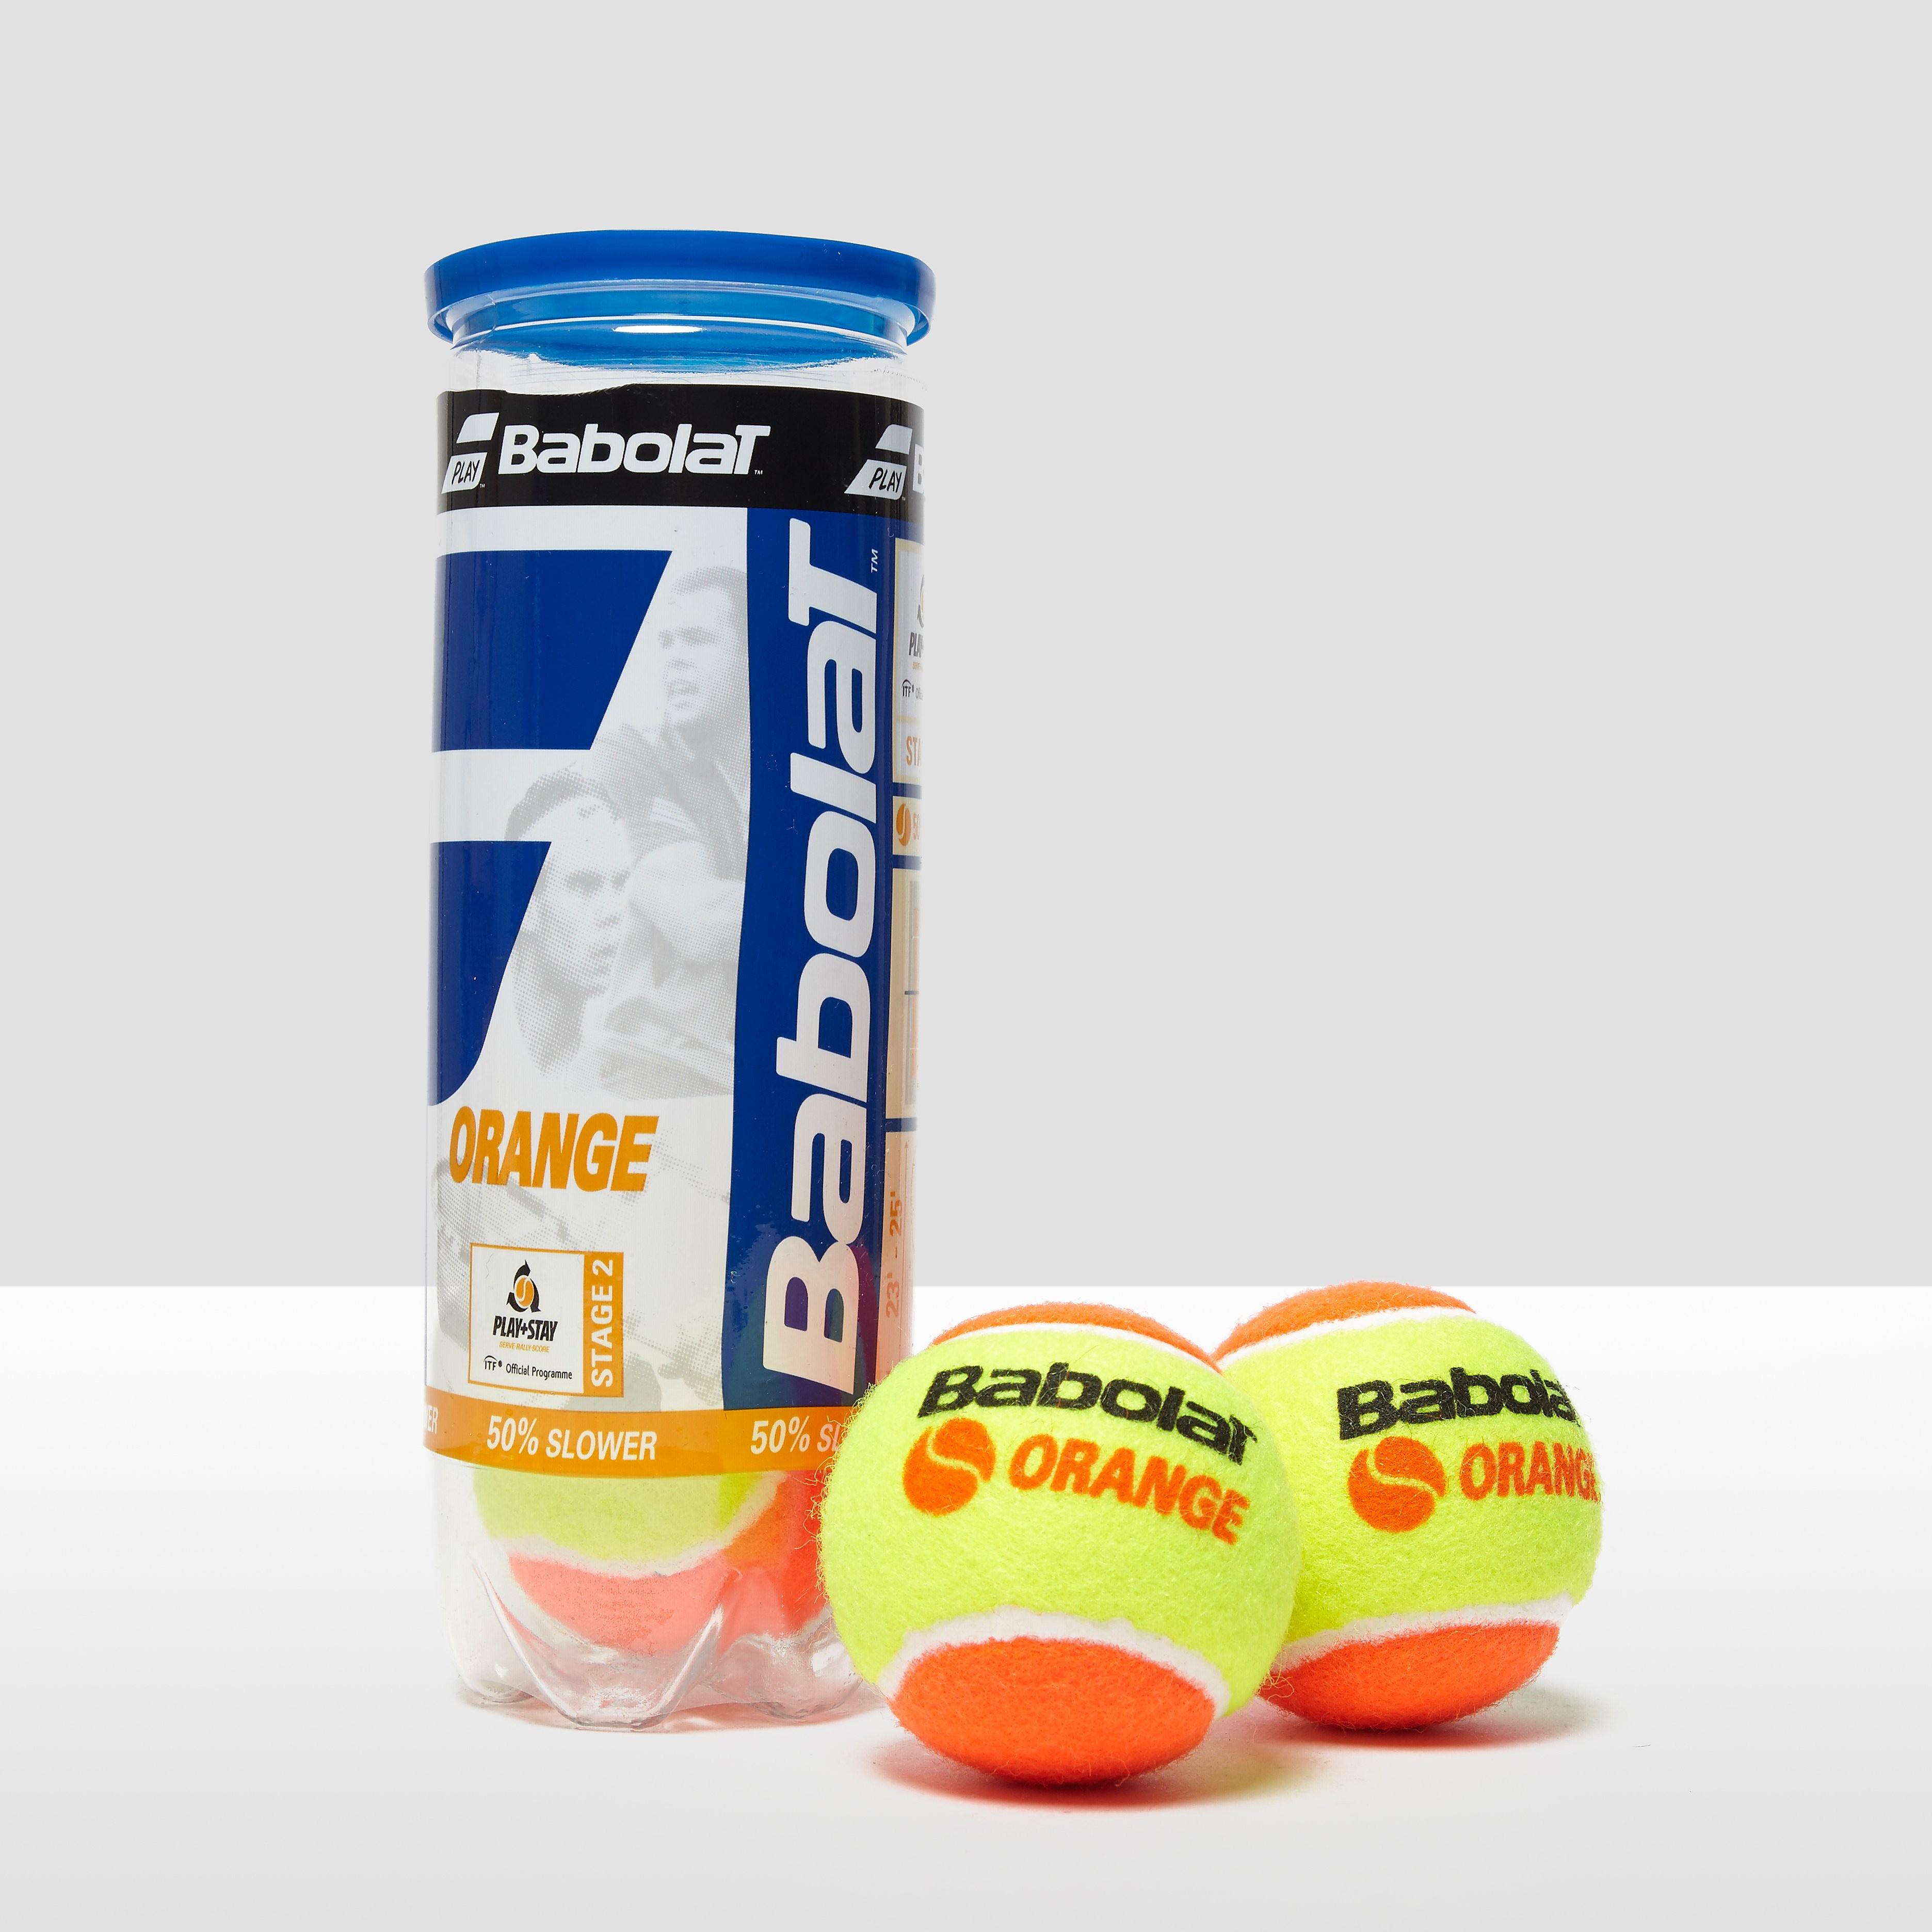 Babolat Orange x3 Tennis Balls